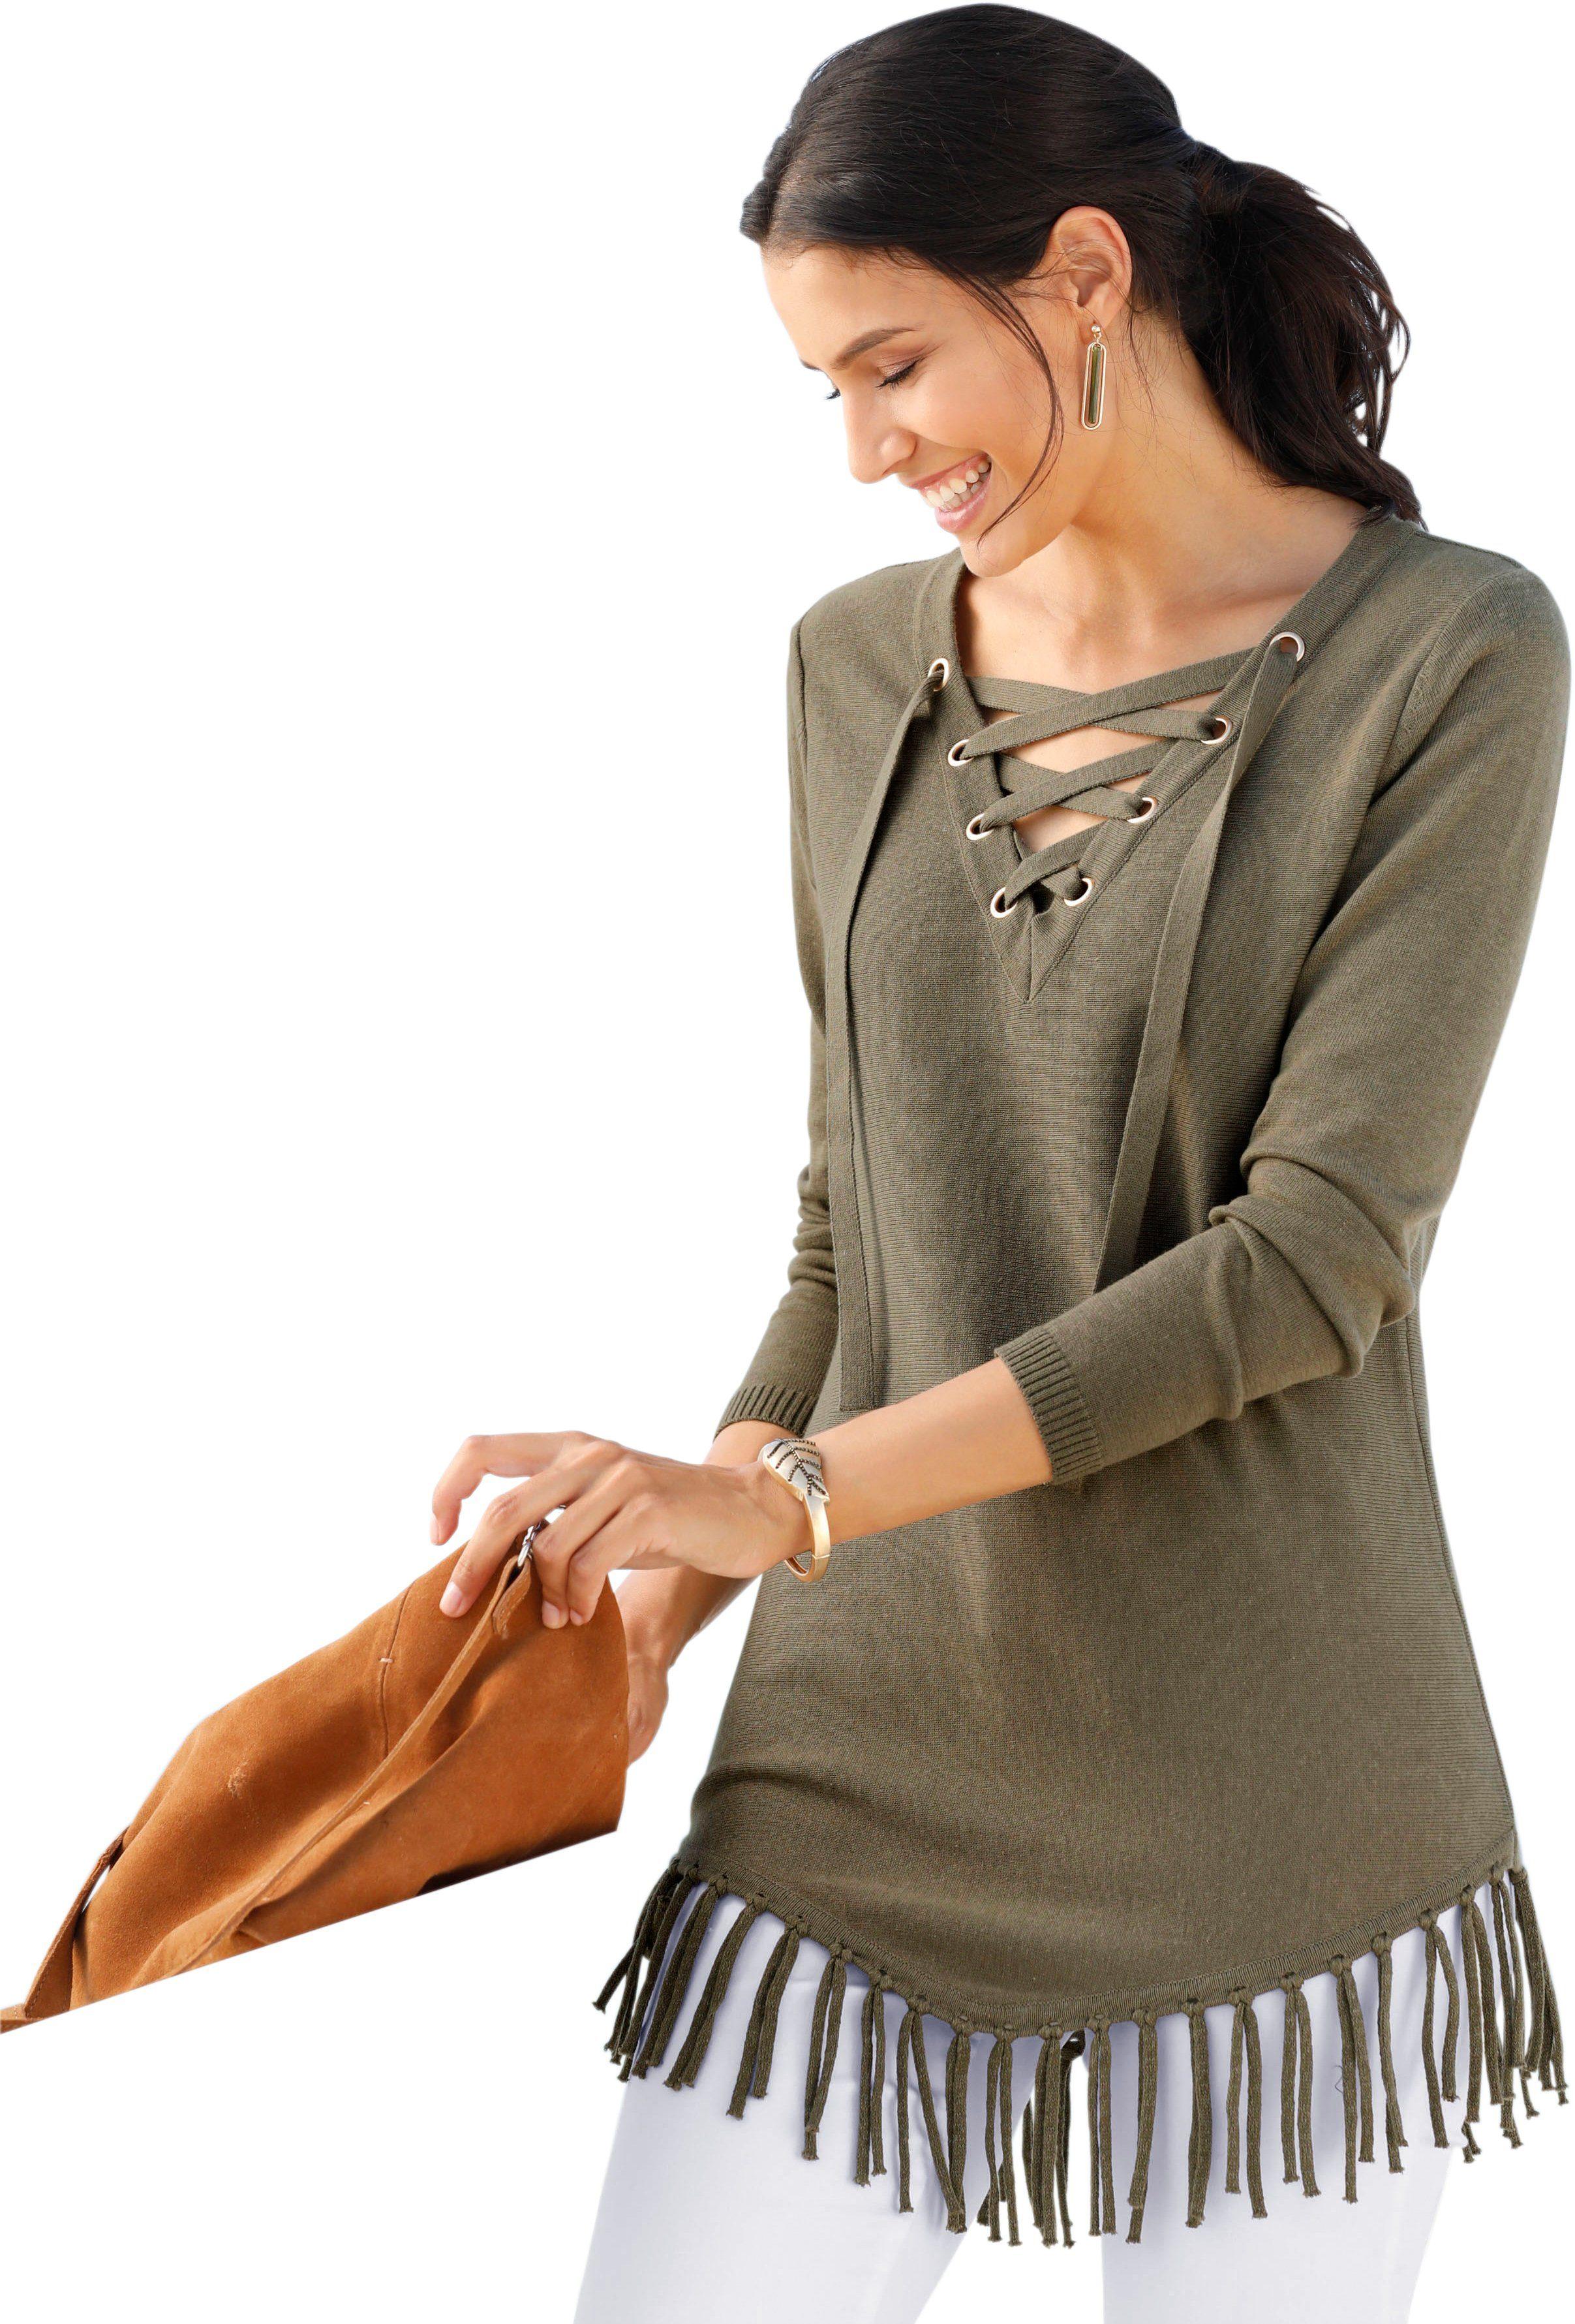 Classic Inspirationen Online Pullover Kaufen Mit Fransen Gestrickten MSzpUV